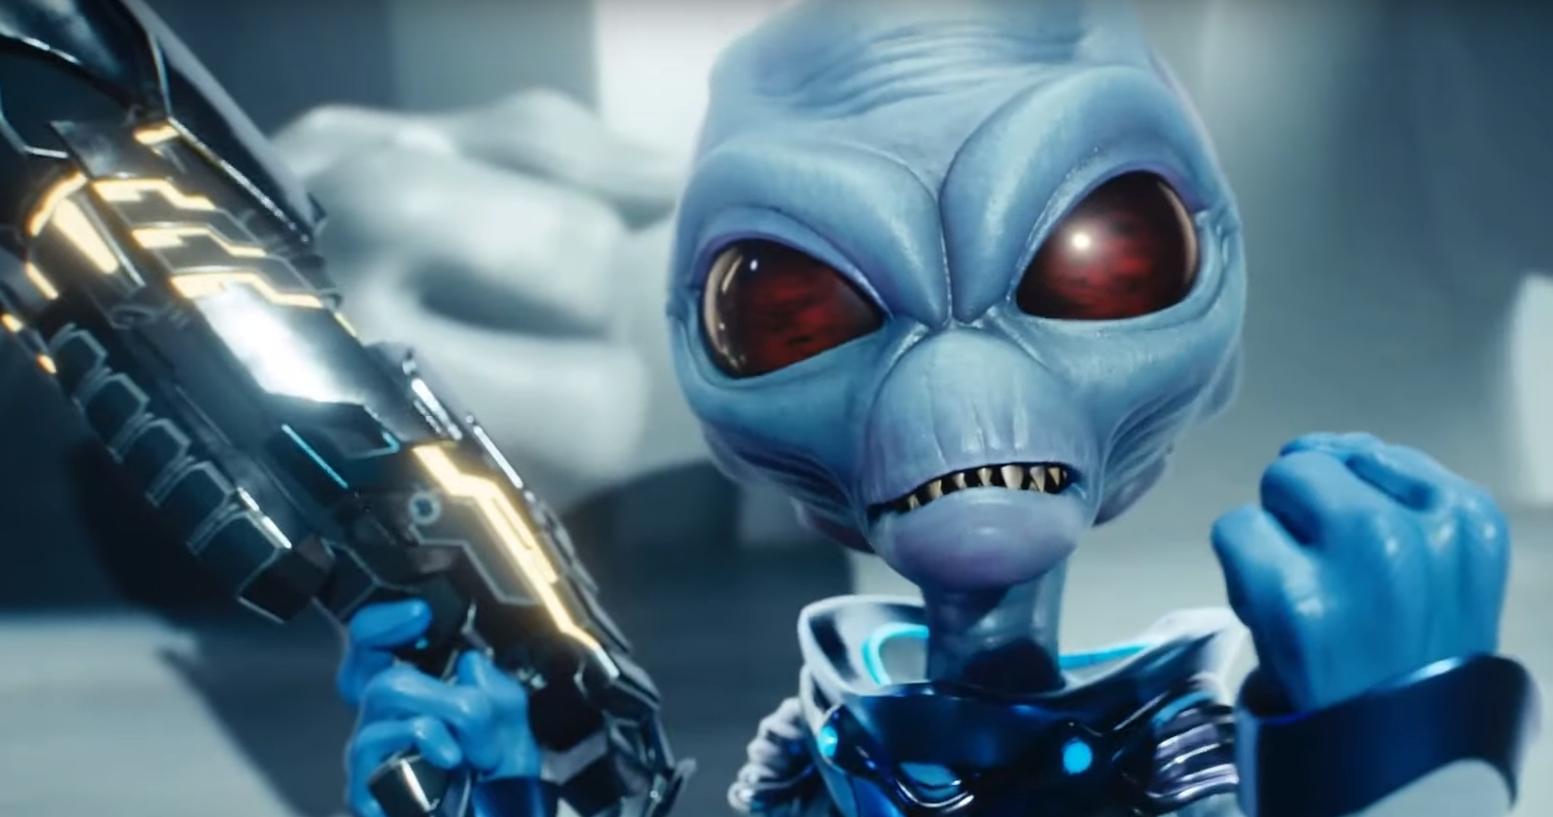 Vuelve un clásico: Destroy All Humans anuncia su regreso con un trailer demencial y musicalizado por Rammstein